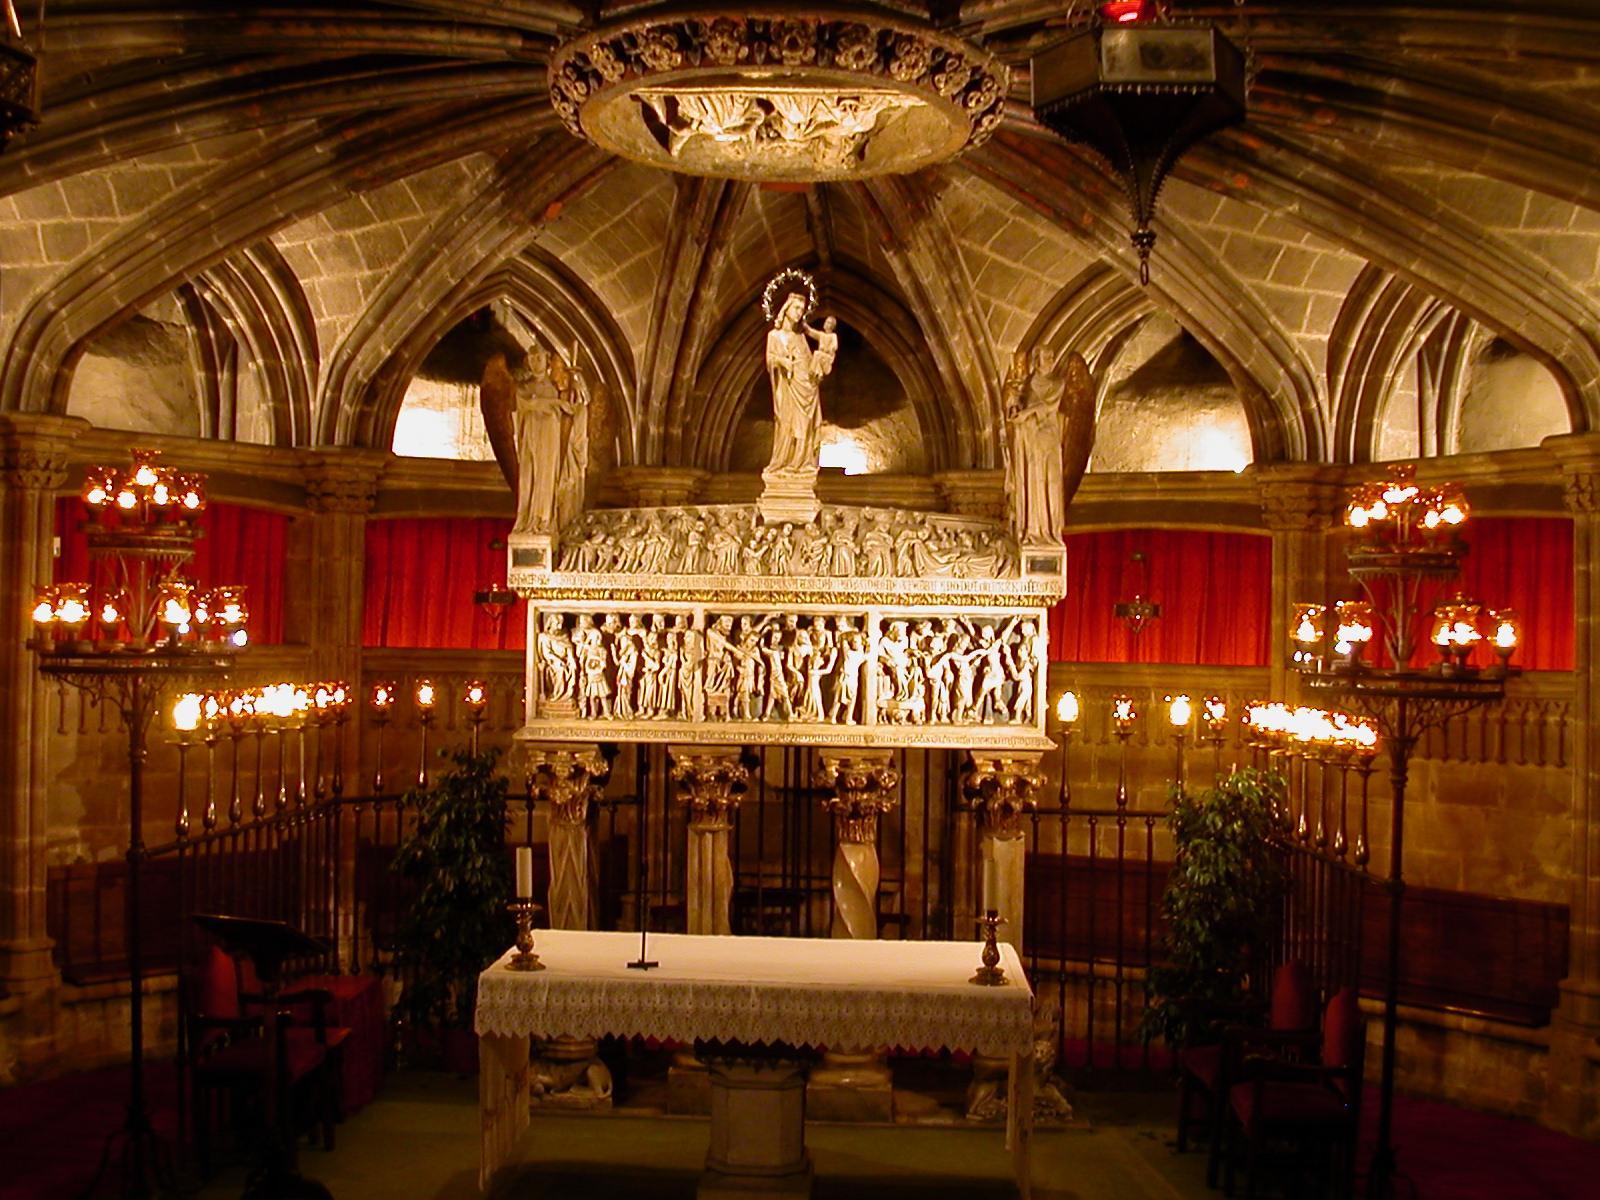 Fitxer cripta catedral viquip dia l for Interior de la catedral de barcelona